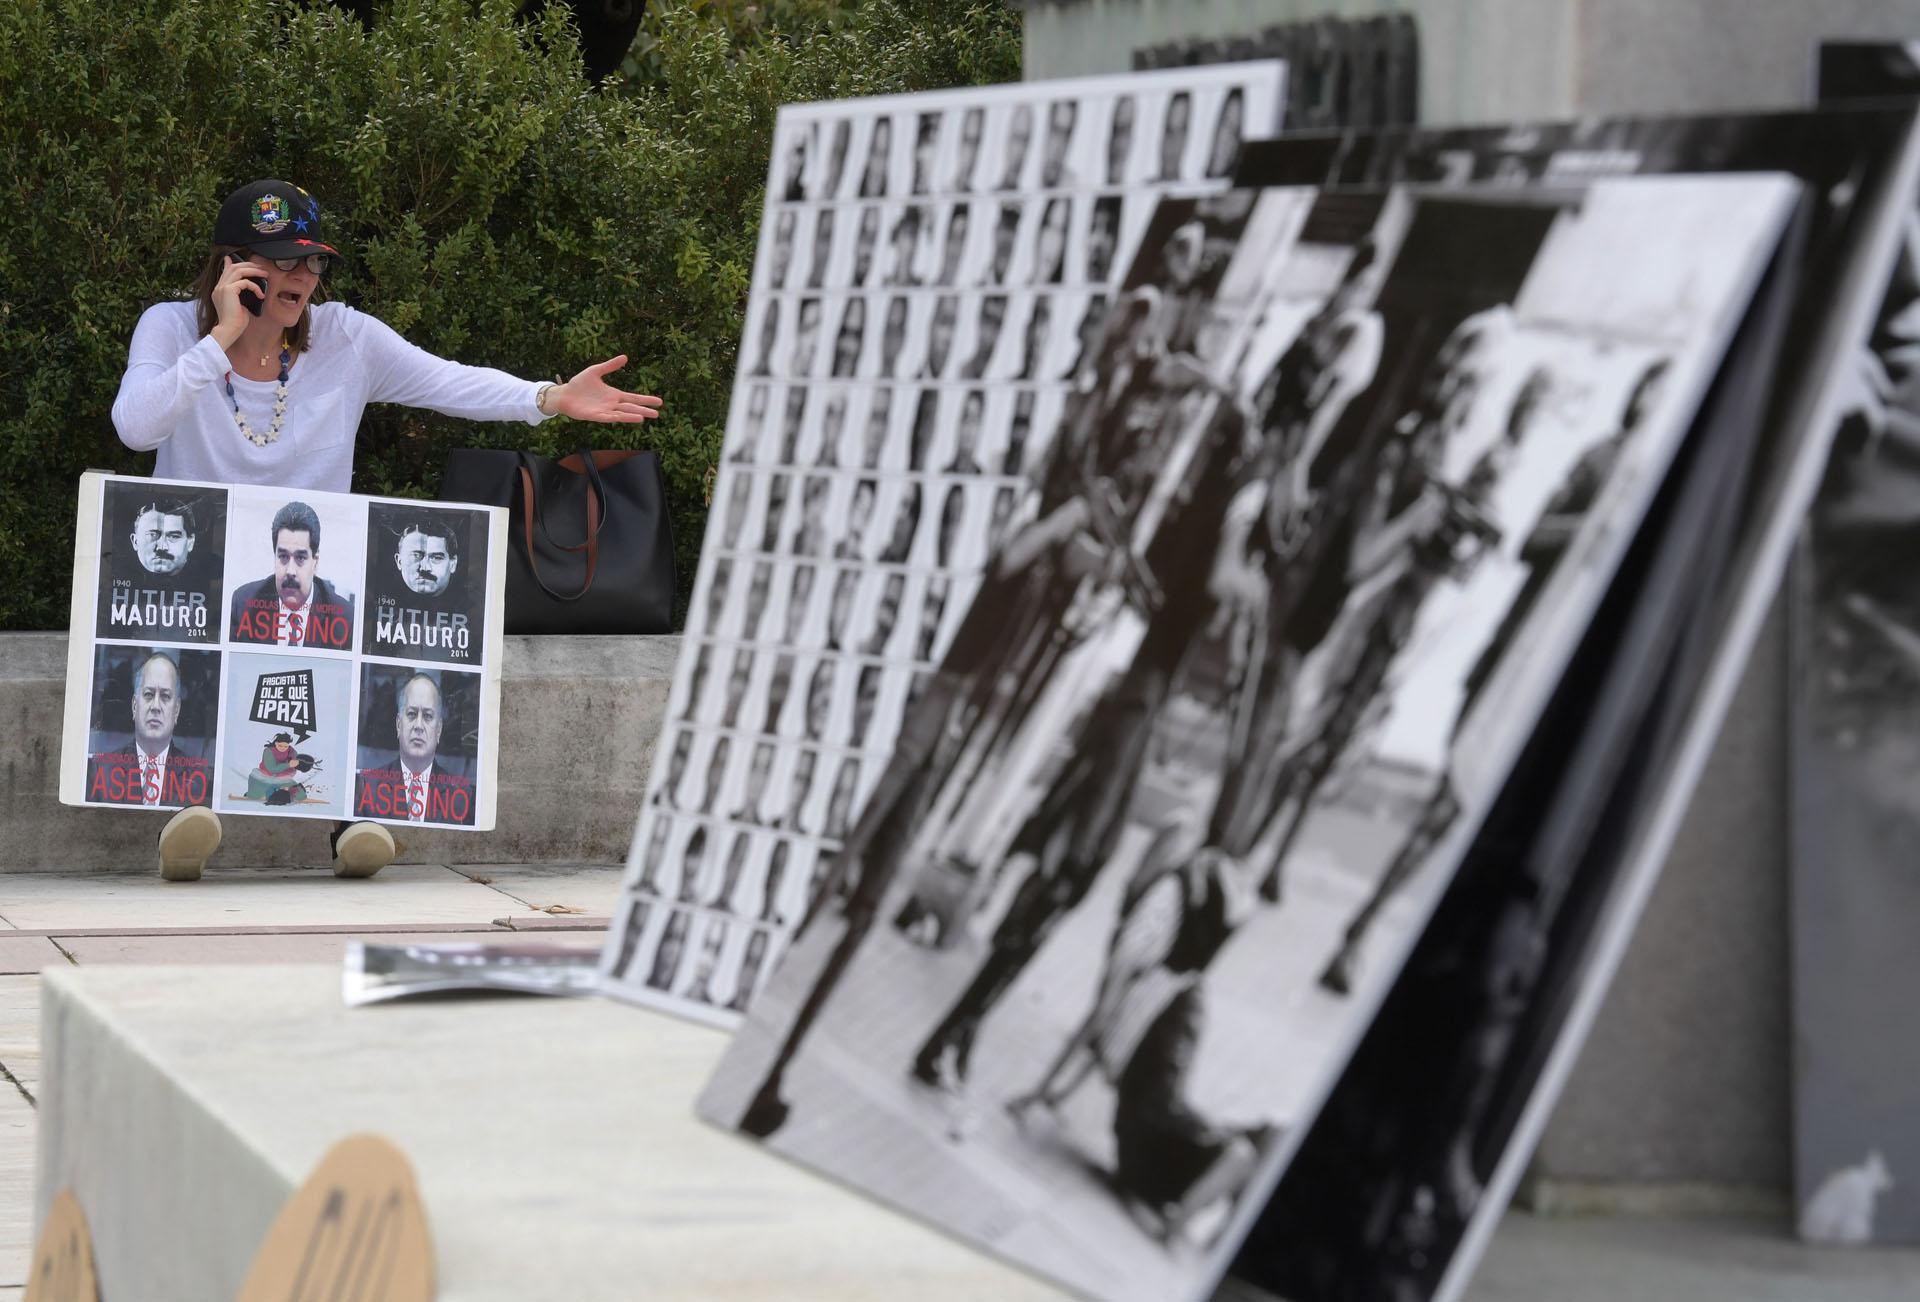 """WAS12. WASHINGTON (DC, EEUU), 14/09/2017.- Una mujer habla por teléfono móvil mientras sostiene una pancarta con unas fotos en las que se lee """"Hitler Maduro; Nicolás Maduro, asesino y Diosdado Cabello Rondón, asesino"""" hoy, jueves 14 de septiembre 2017, frente a la sede de la Organización de los Estados Americanos (OEA) en Washington, DC (EE.UU.). La OEA inició hoy las audiencias públicas en las que se determinará si hay fundamento para denunciar al Gobierno de Venezuela por crímenes de lesa humanidad ante la Corte Penal Internacional (CPI). EFE/Lenin Nolly"""